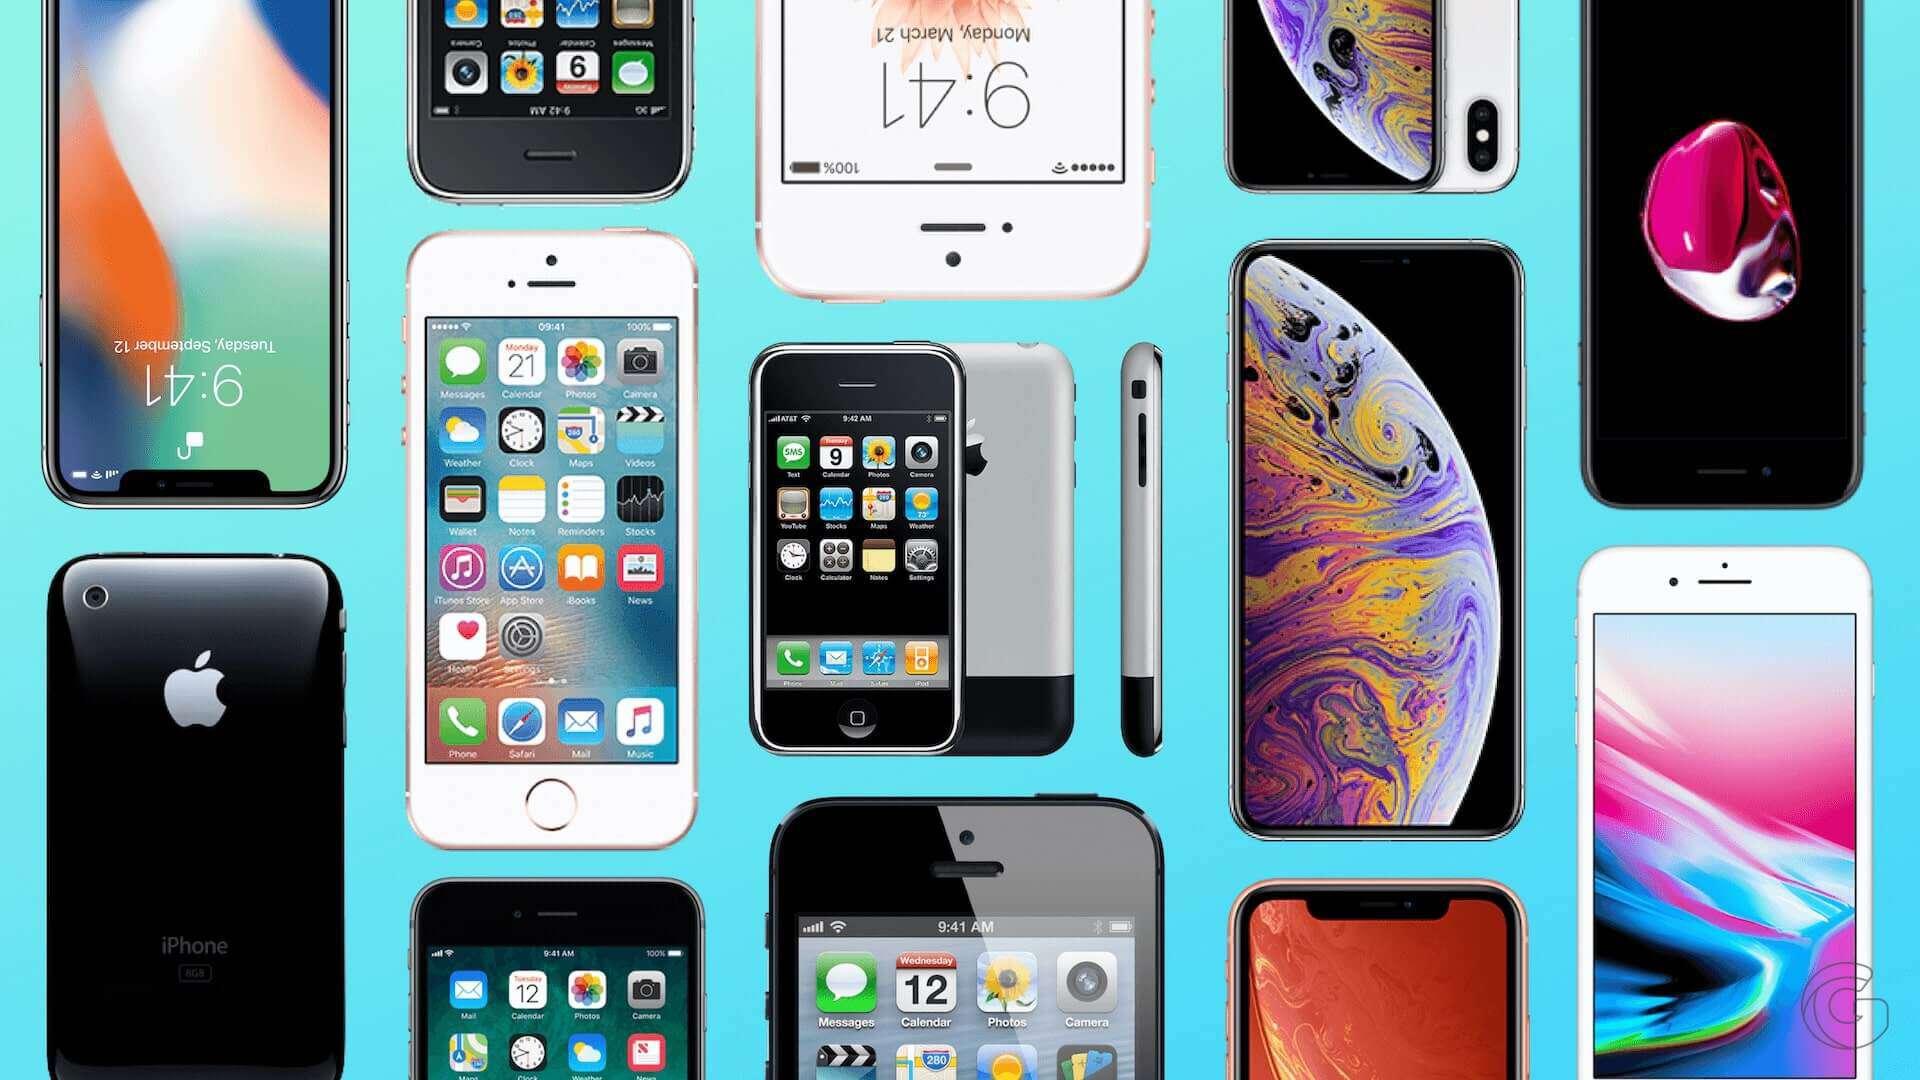 Modelos de iPhone - Todos os smartphones da Apple já lançados